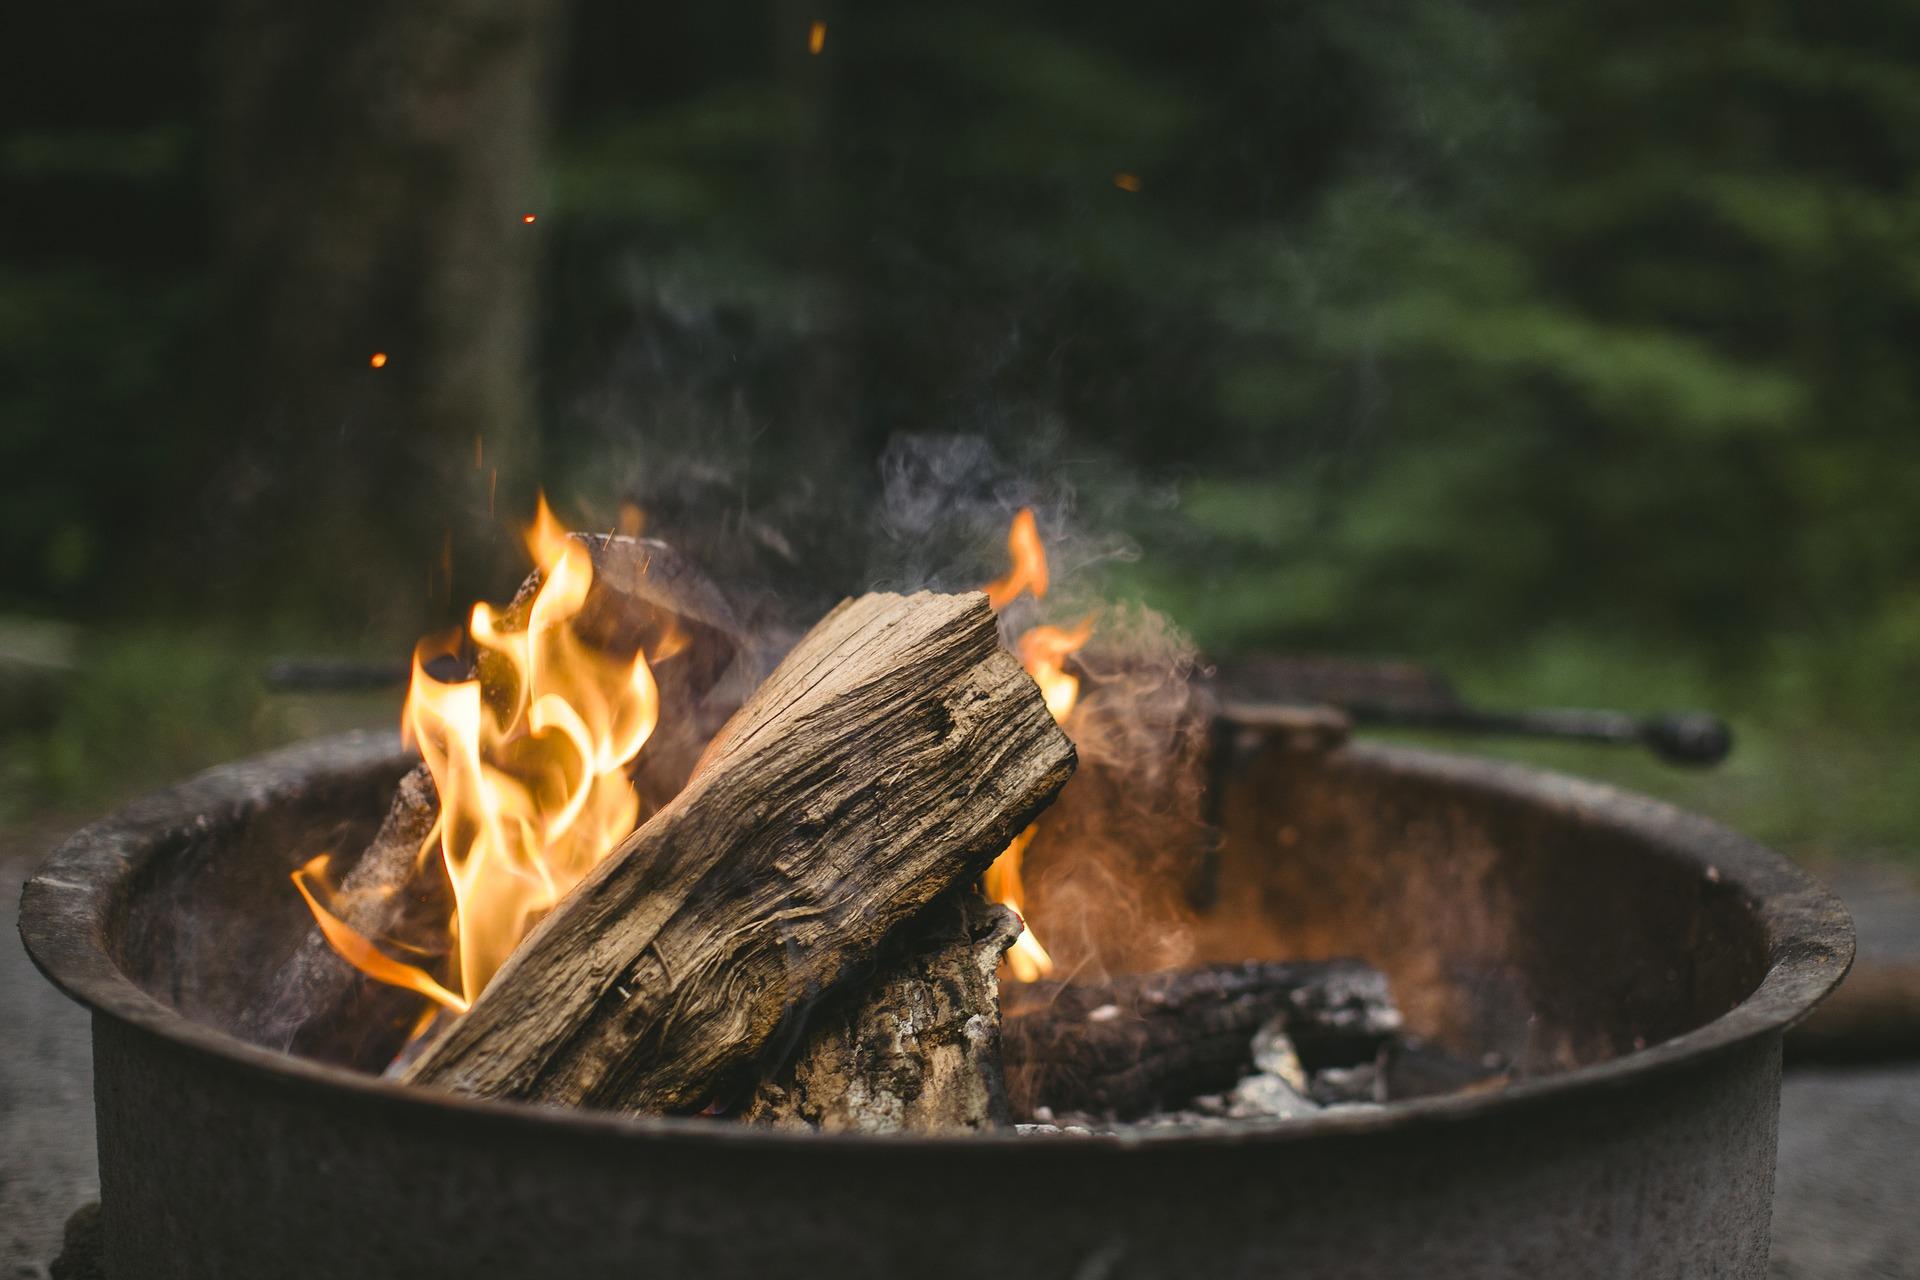 Trailer Hitch RV Camp Fire